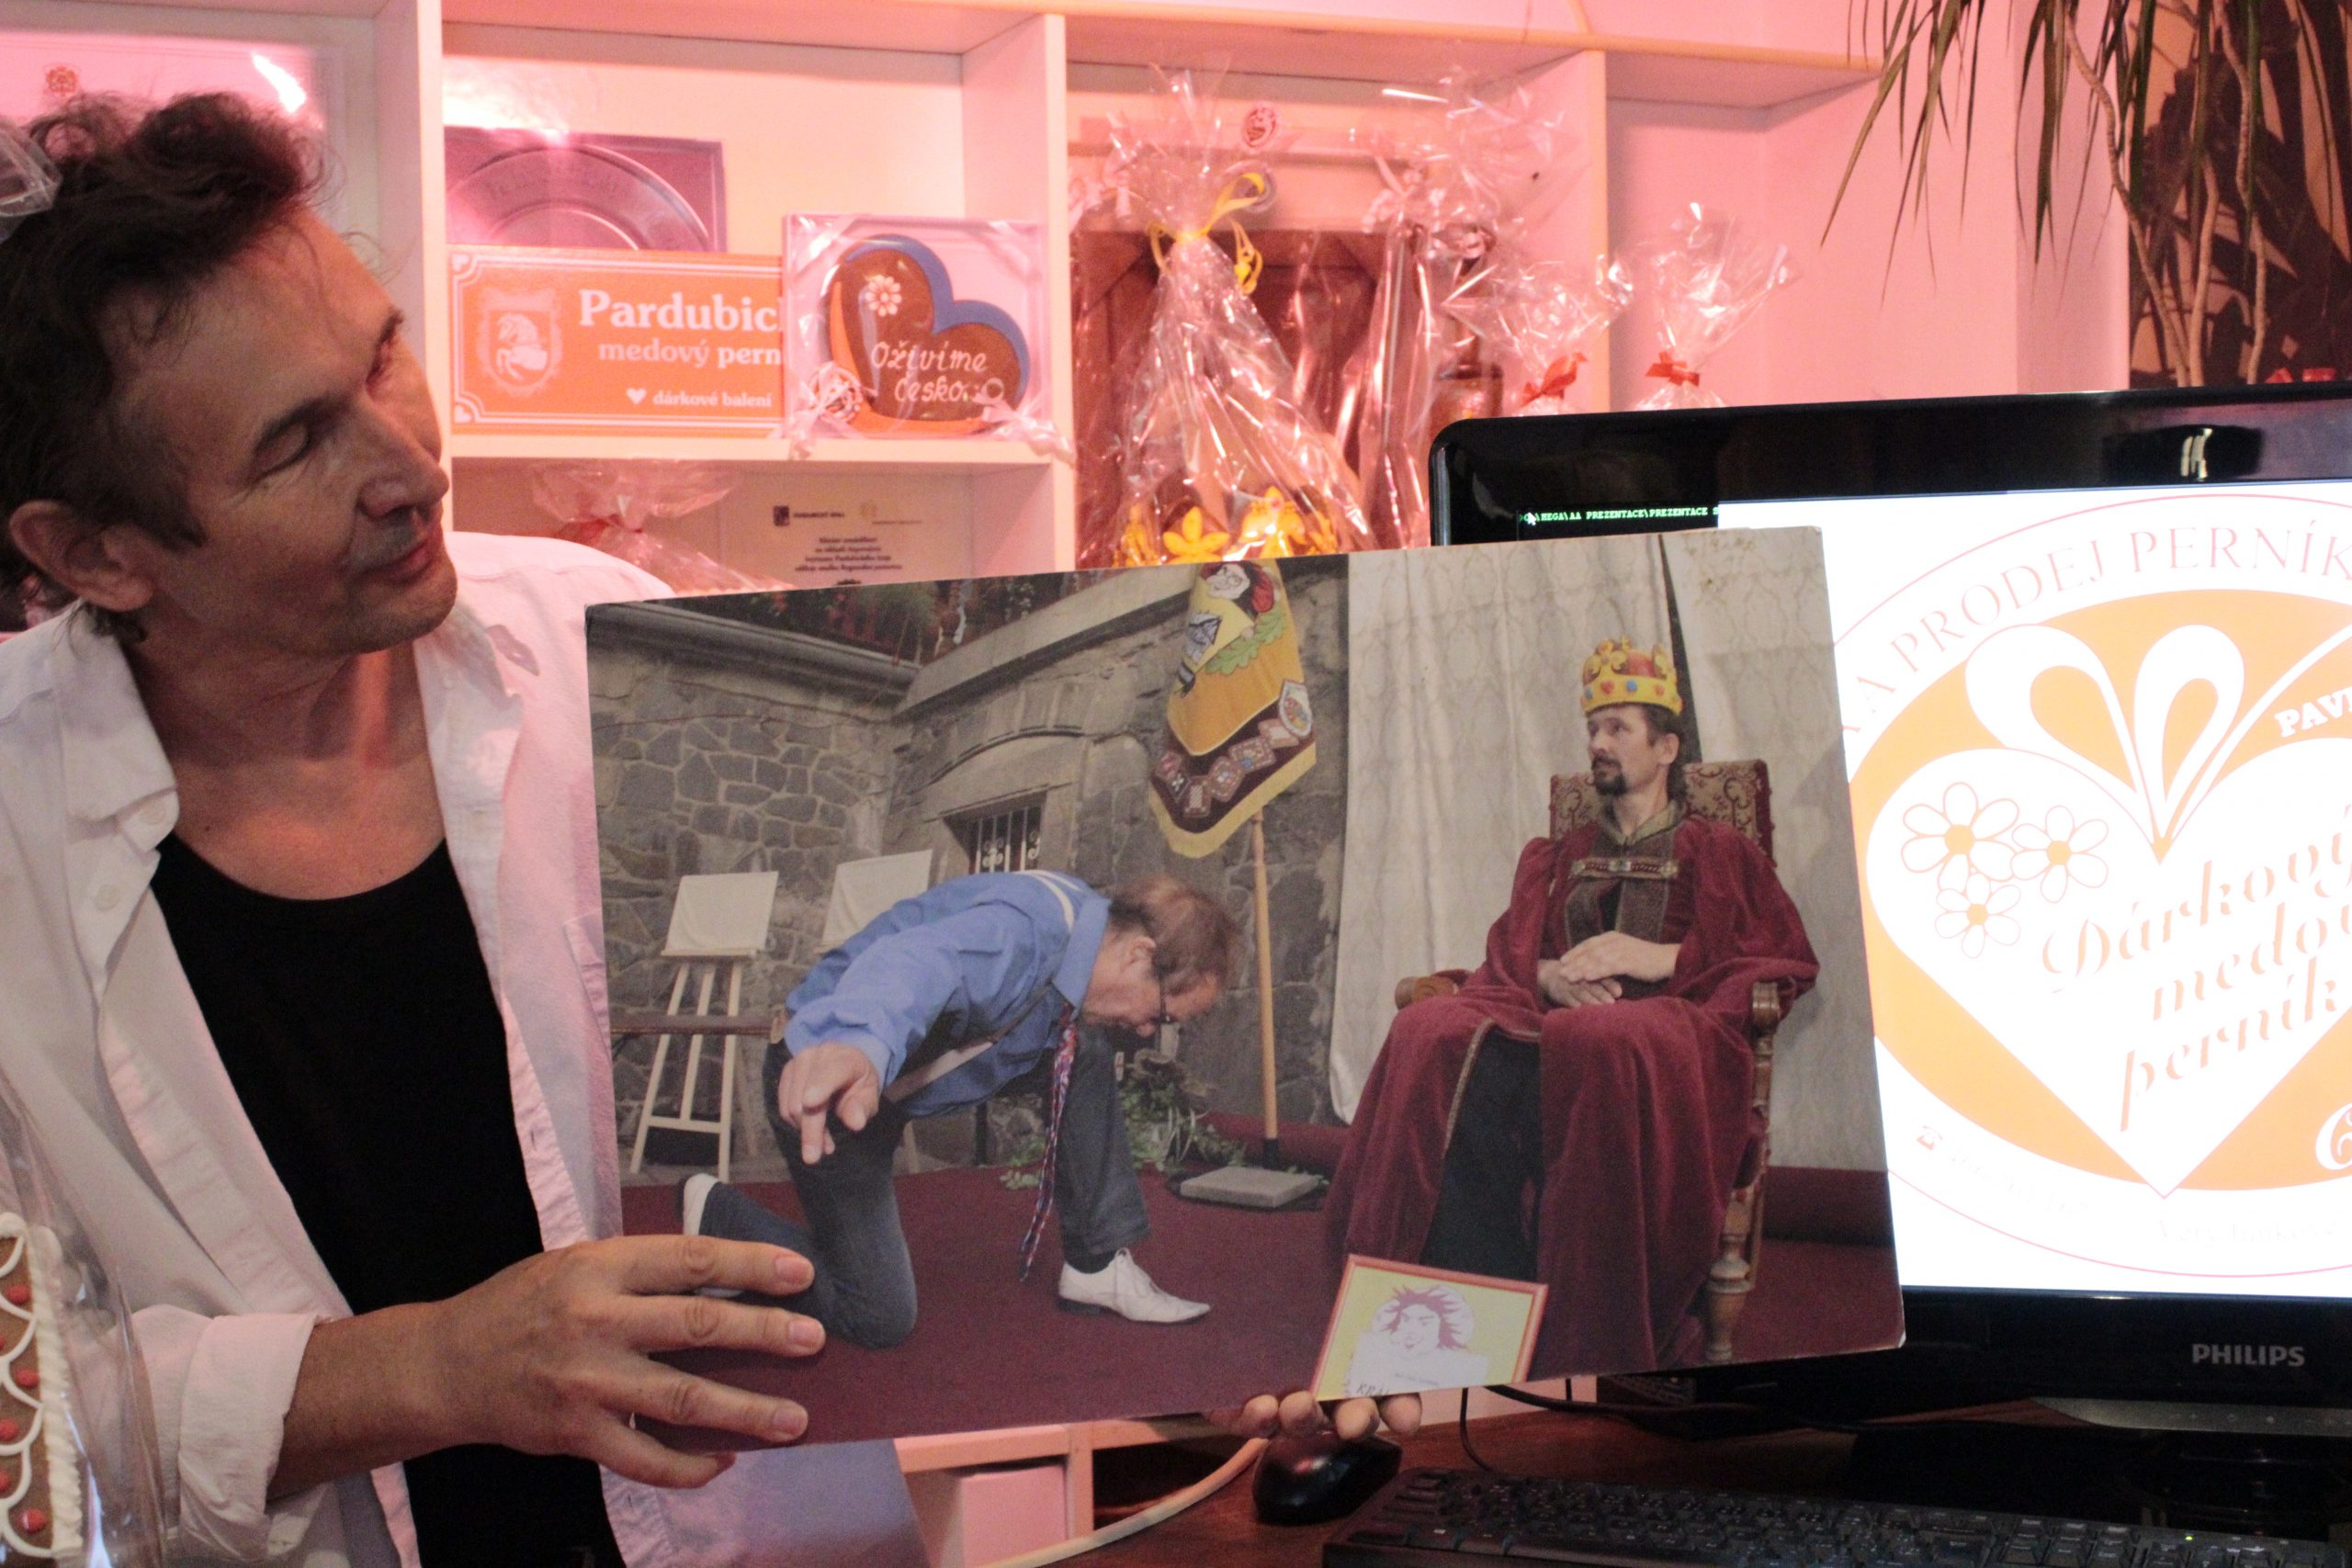 V Pardubiciach nájdeš aj pravého kráľa perníkov (Zdroj: Hashtag.sk/Laura Kaličiaková)